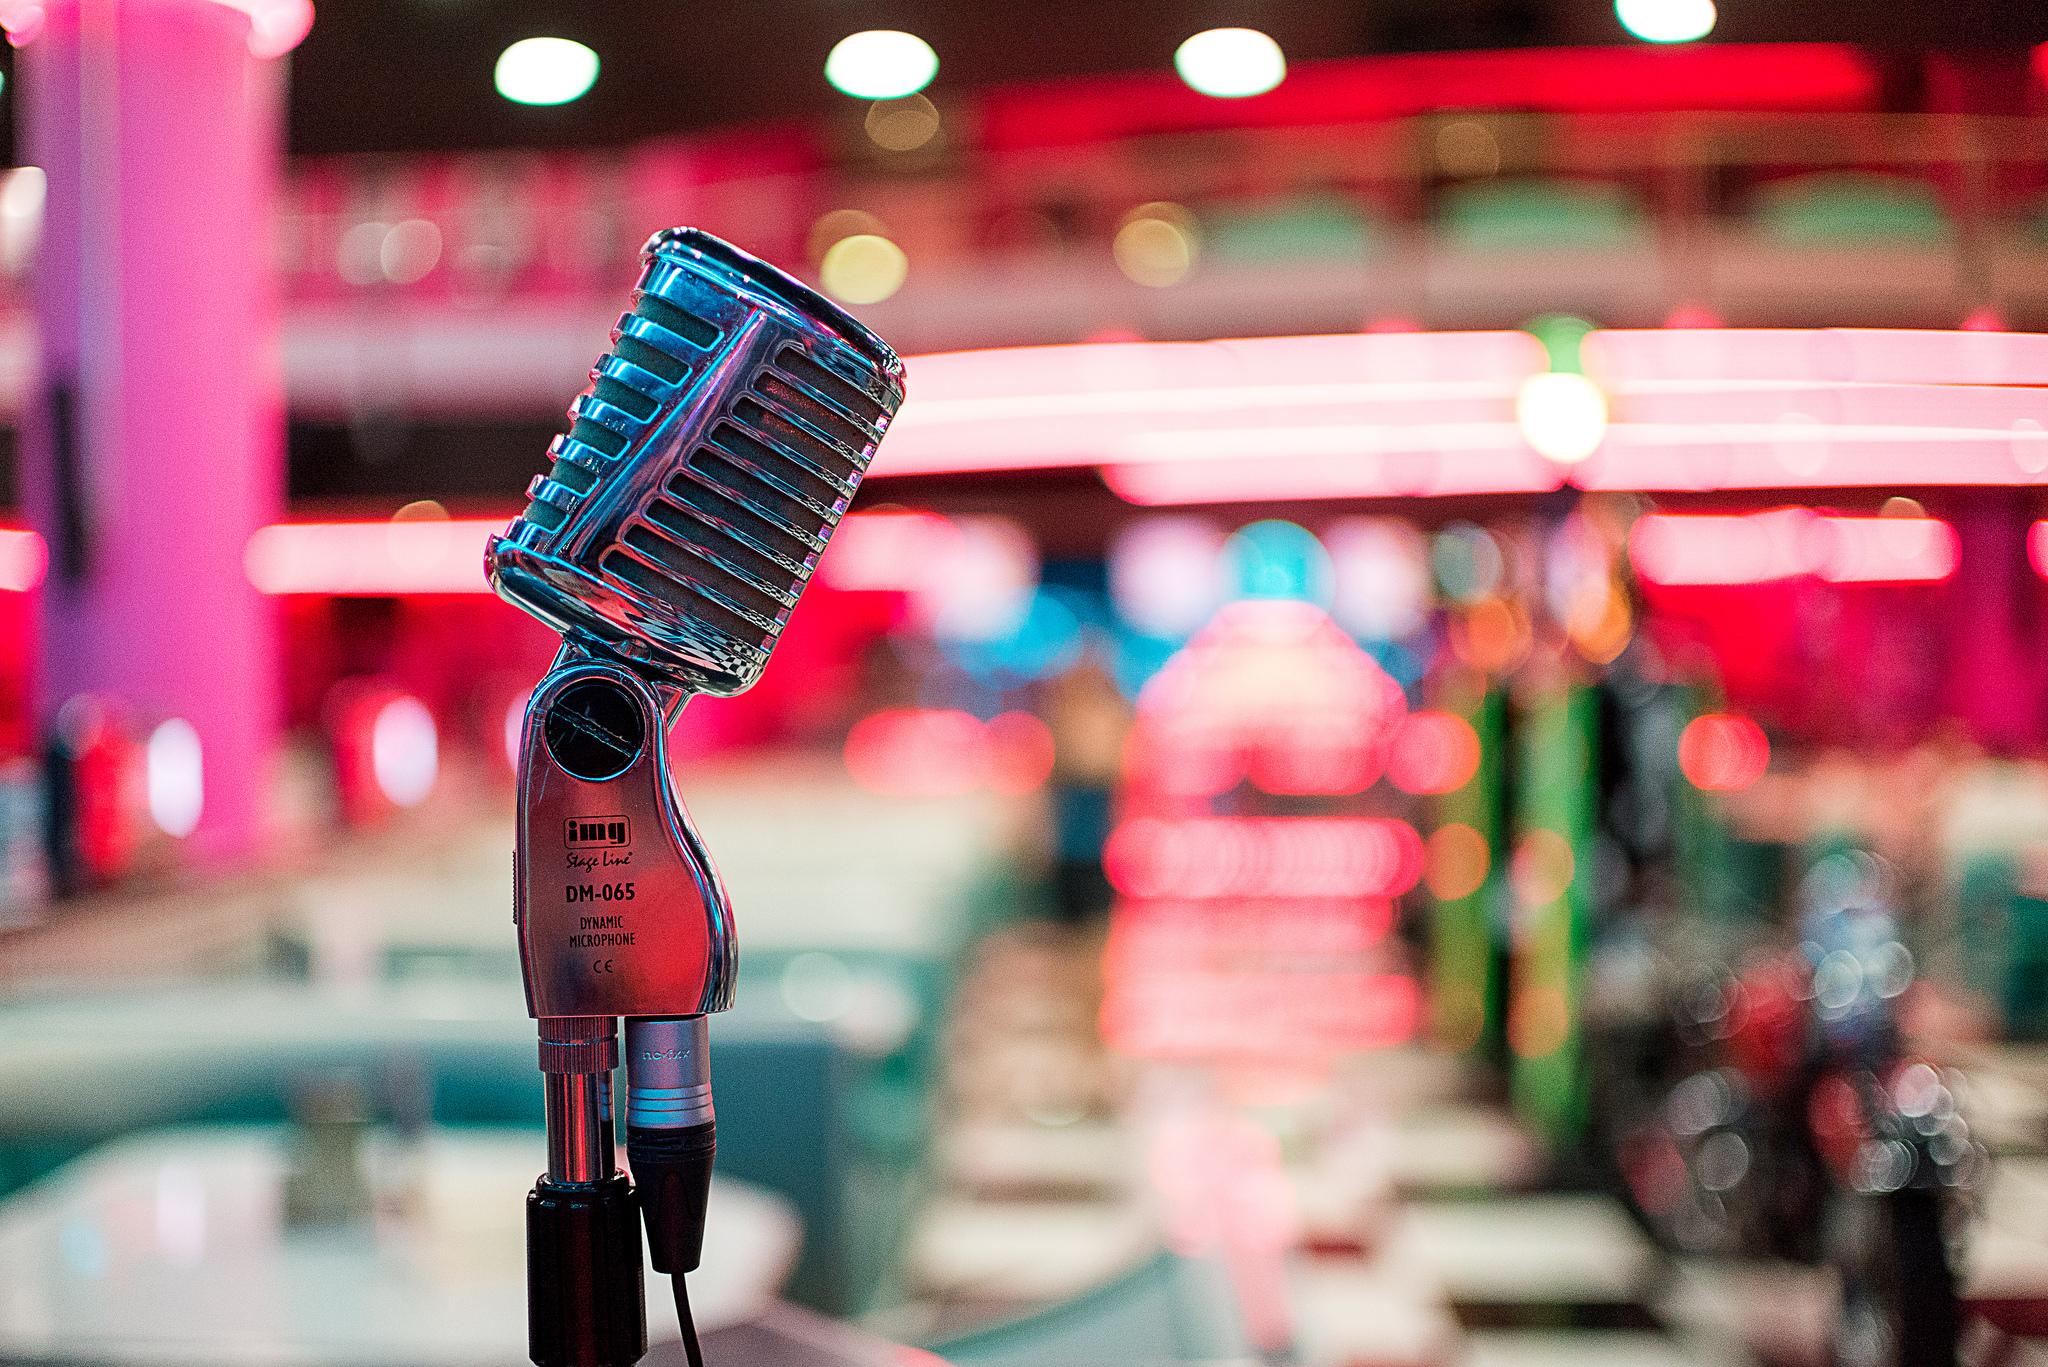 mikrofon-muzyka-makro-boke-7266